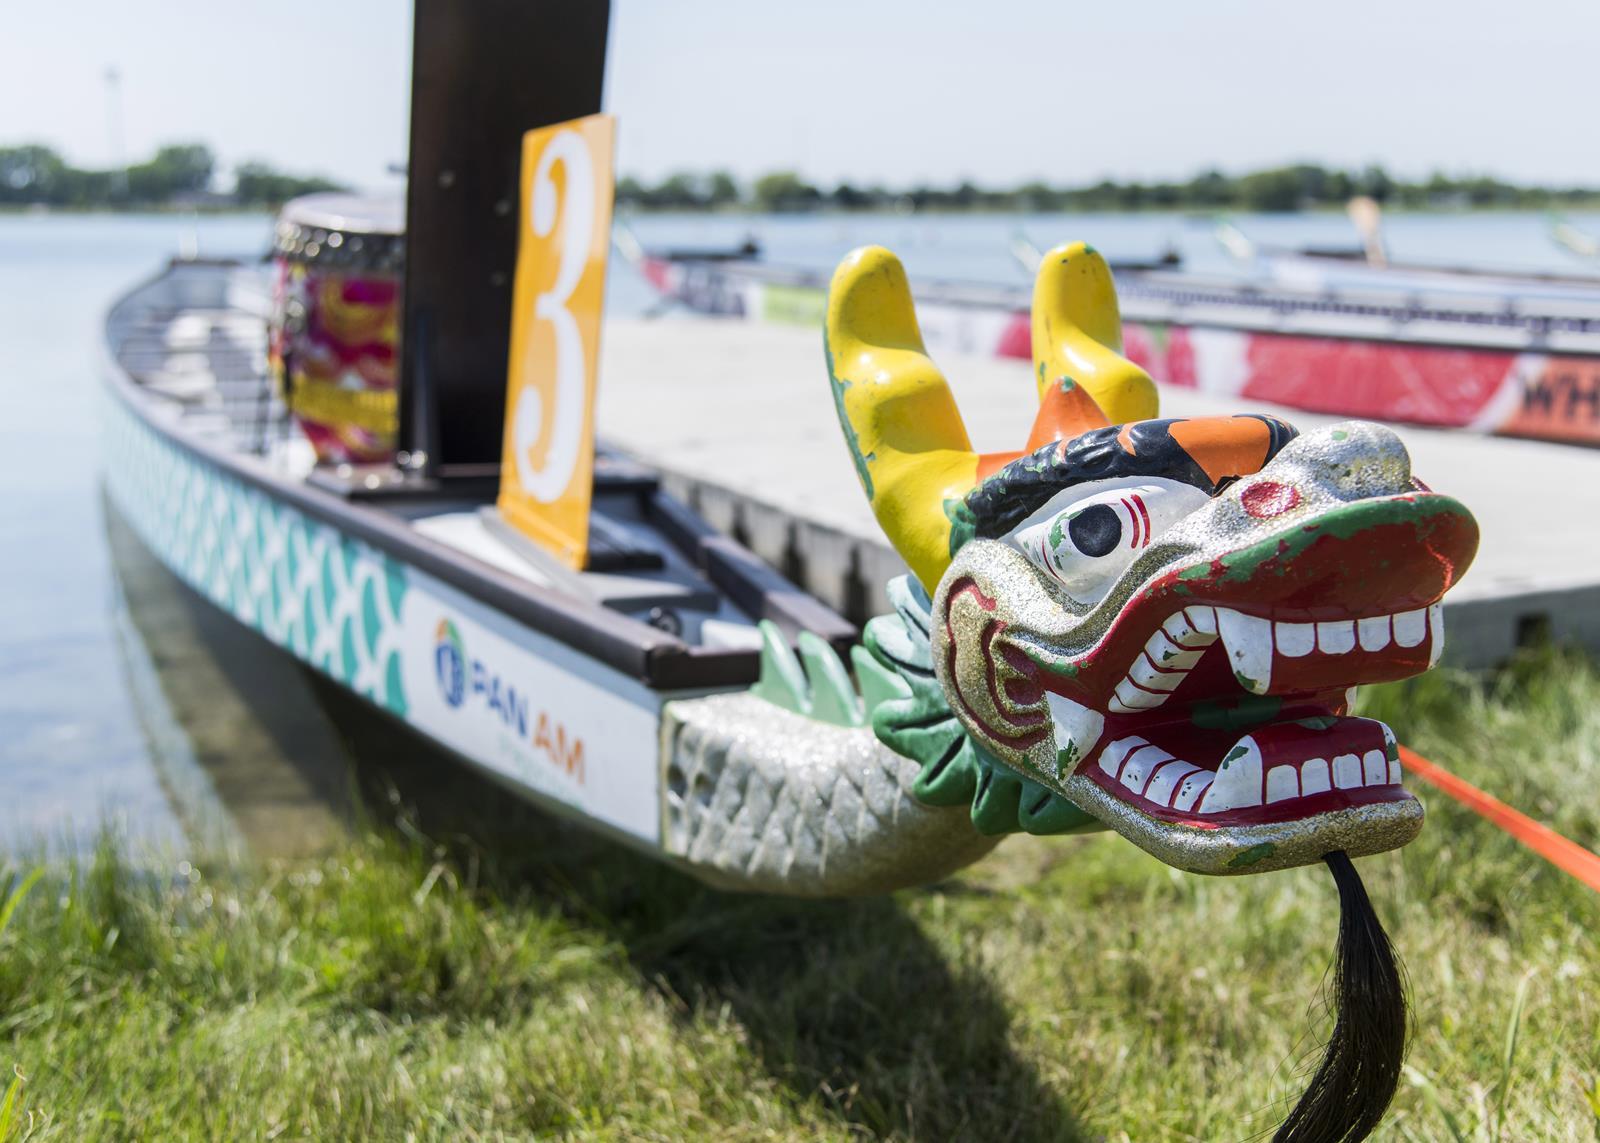 2019 Dragonfest dragonhead3 w boat -STJ - 218